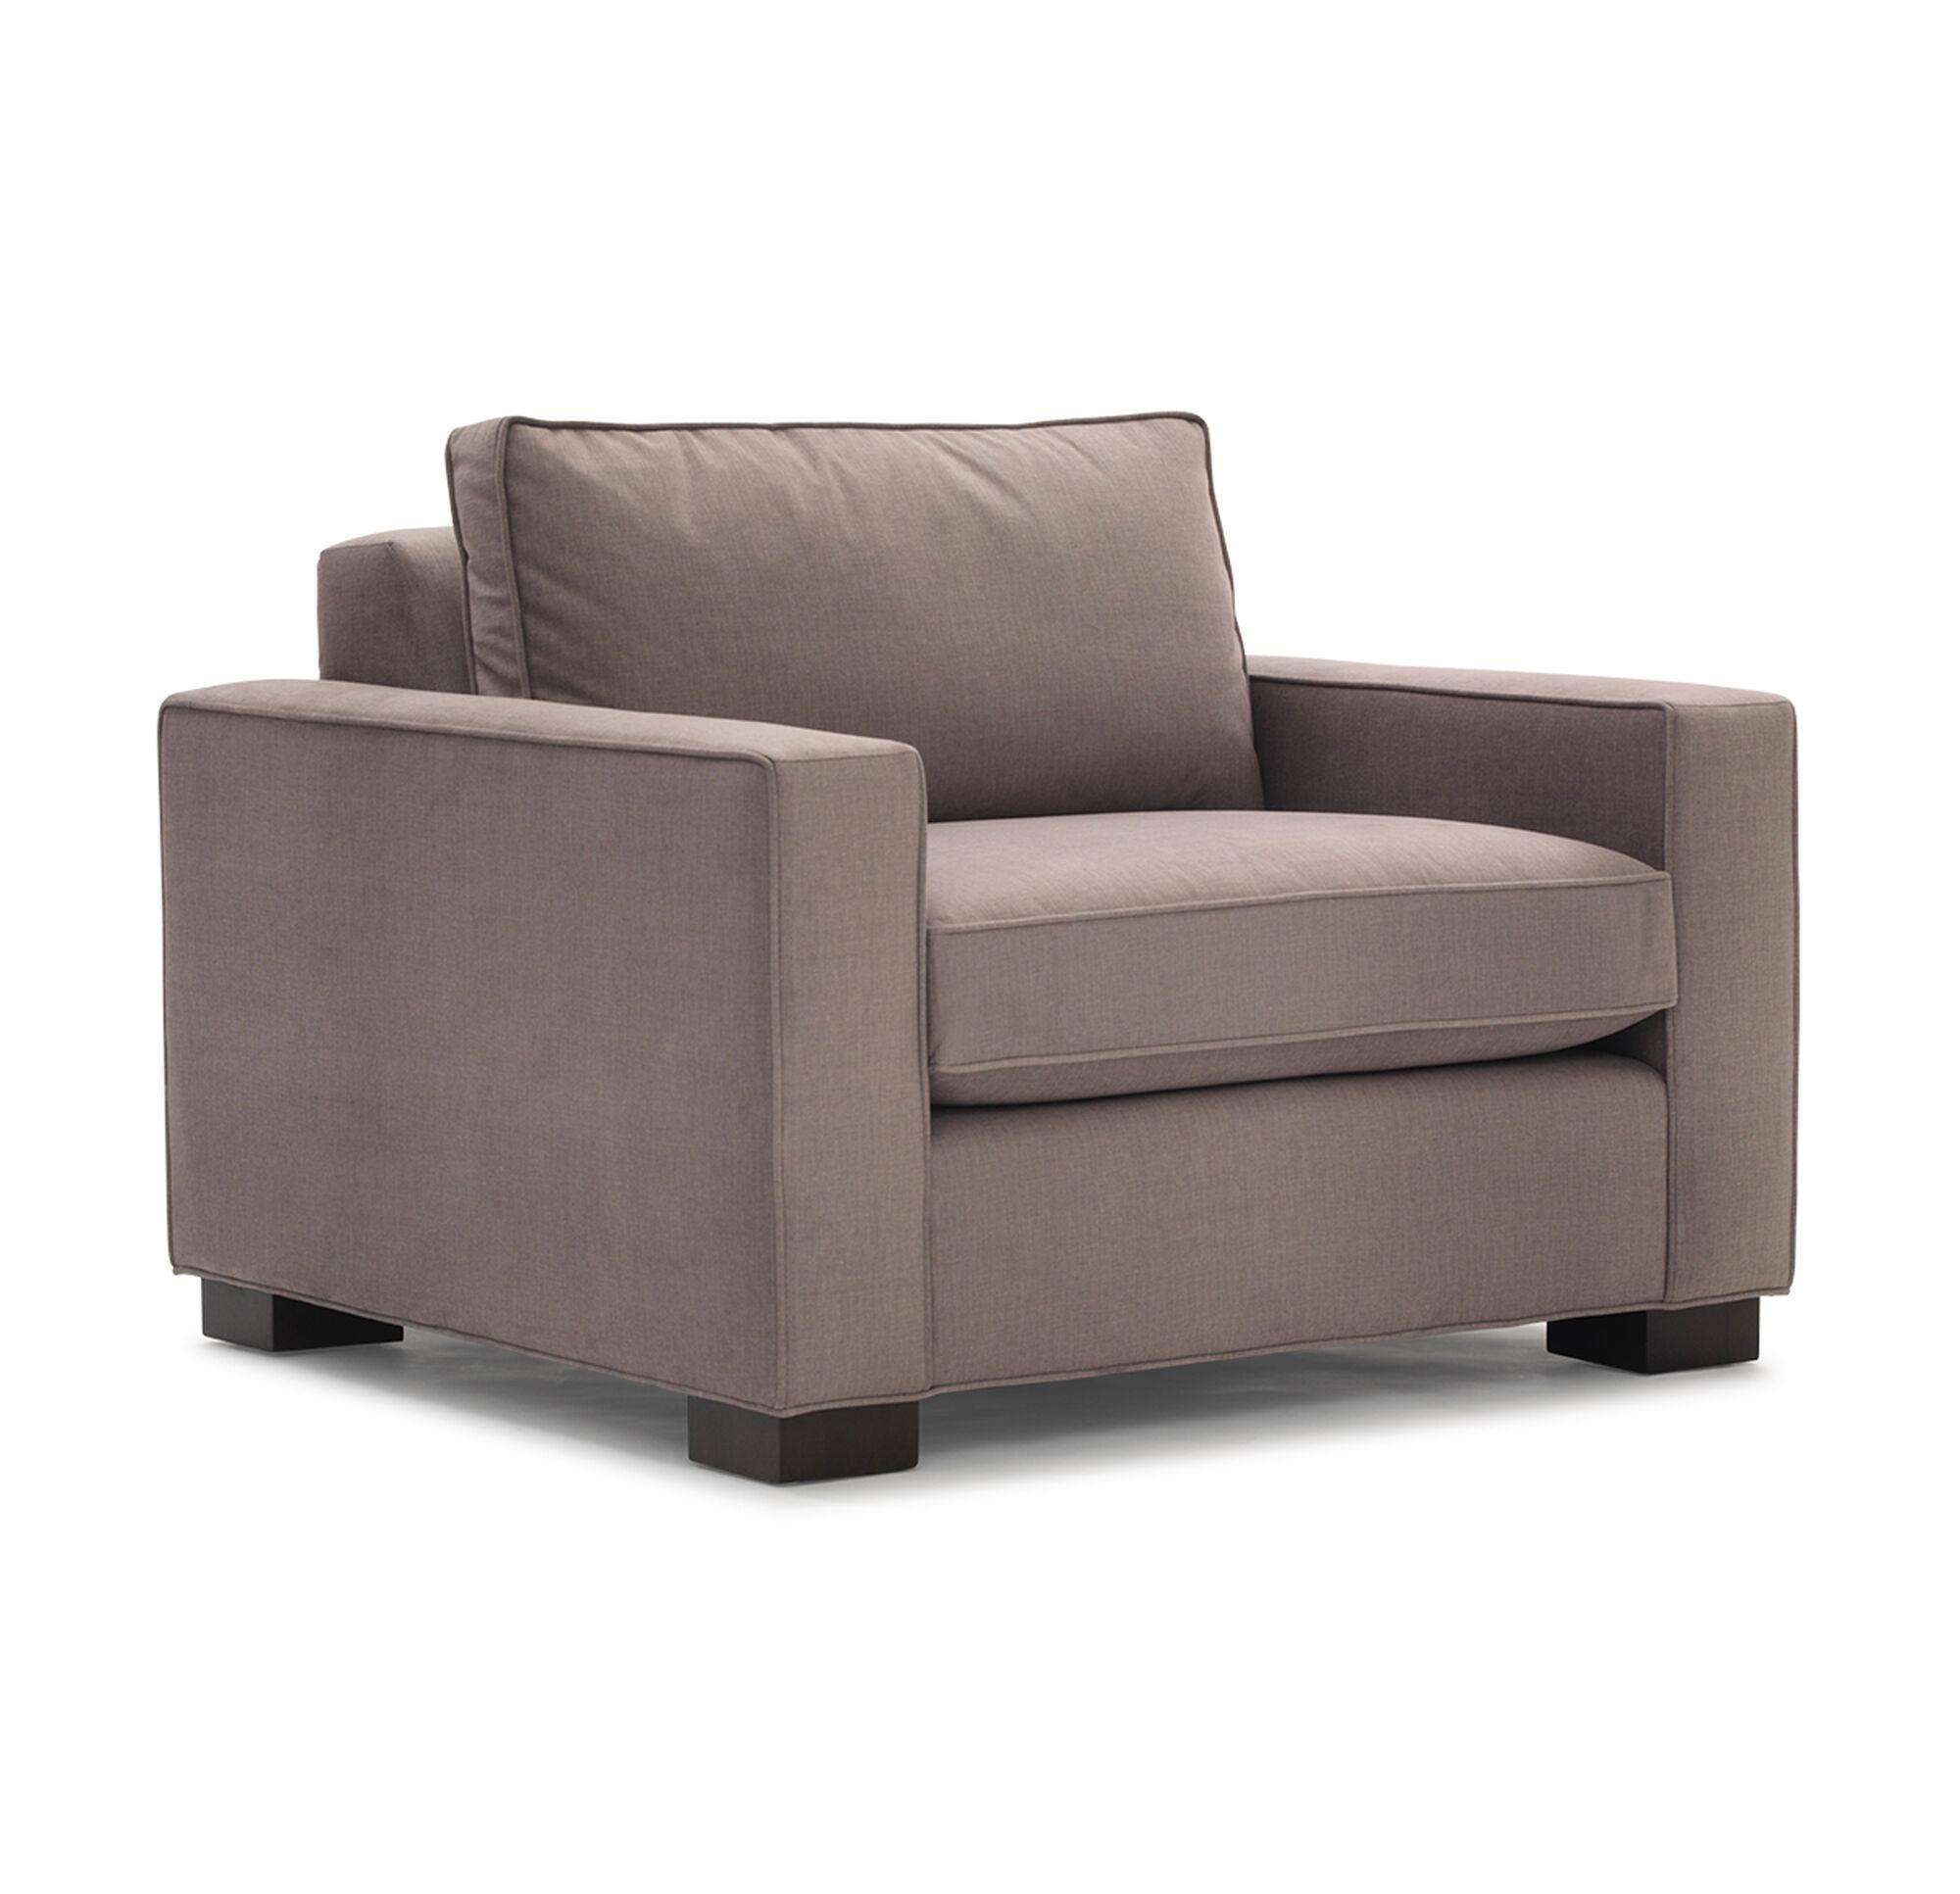 CARSON CHAIR – Carson Chair